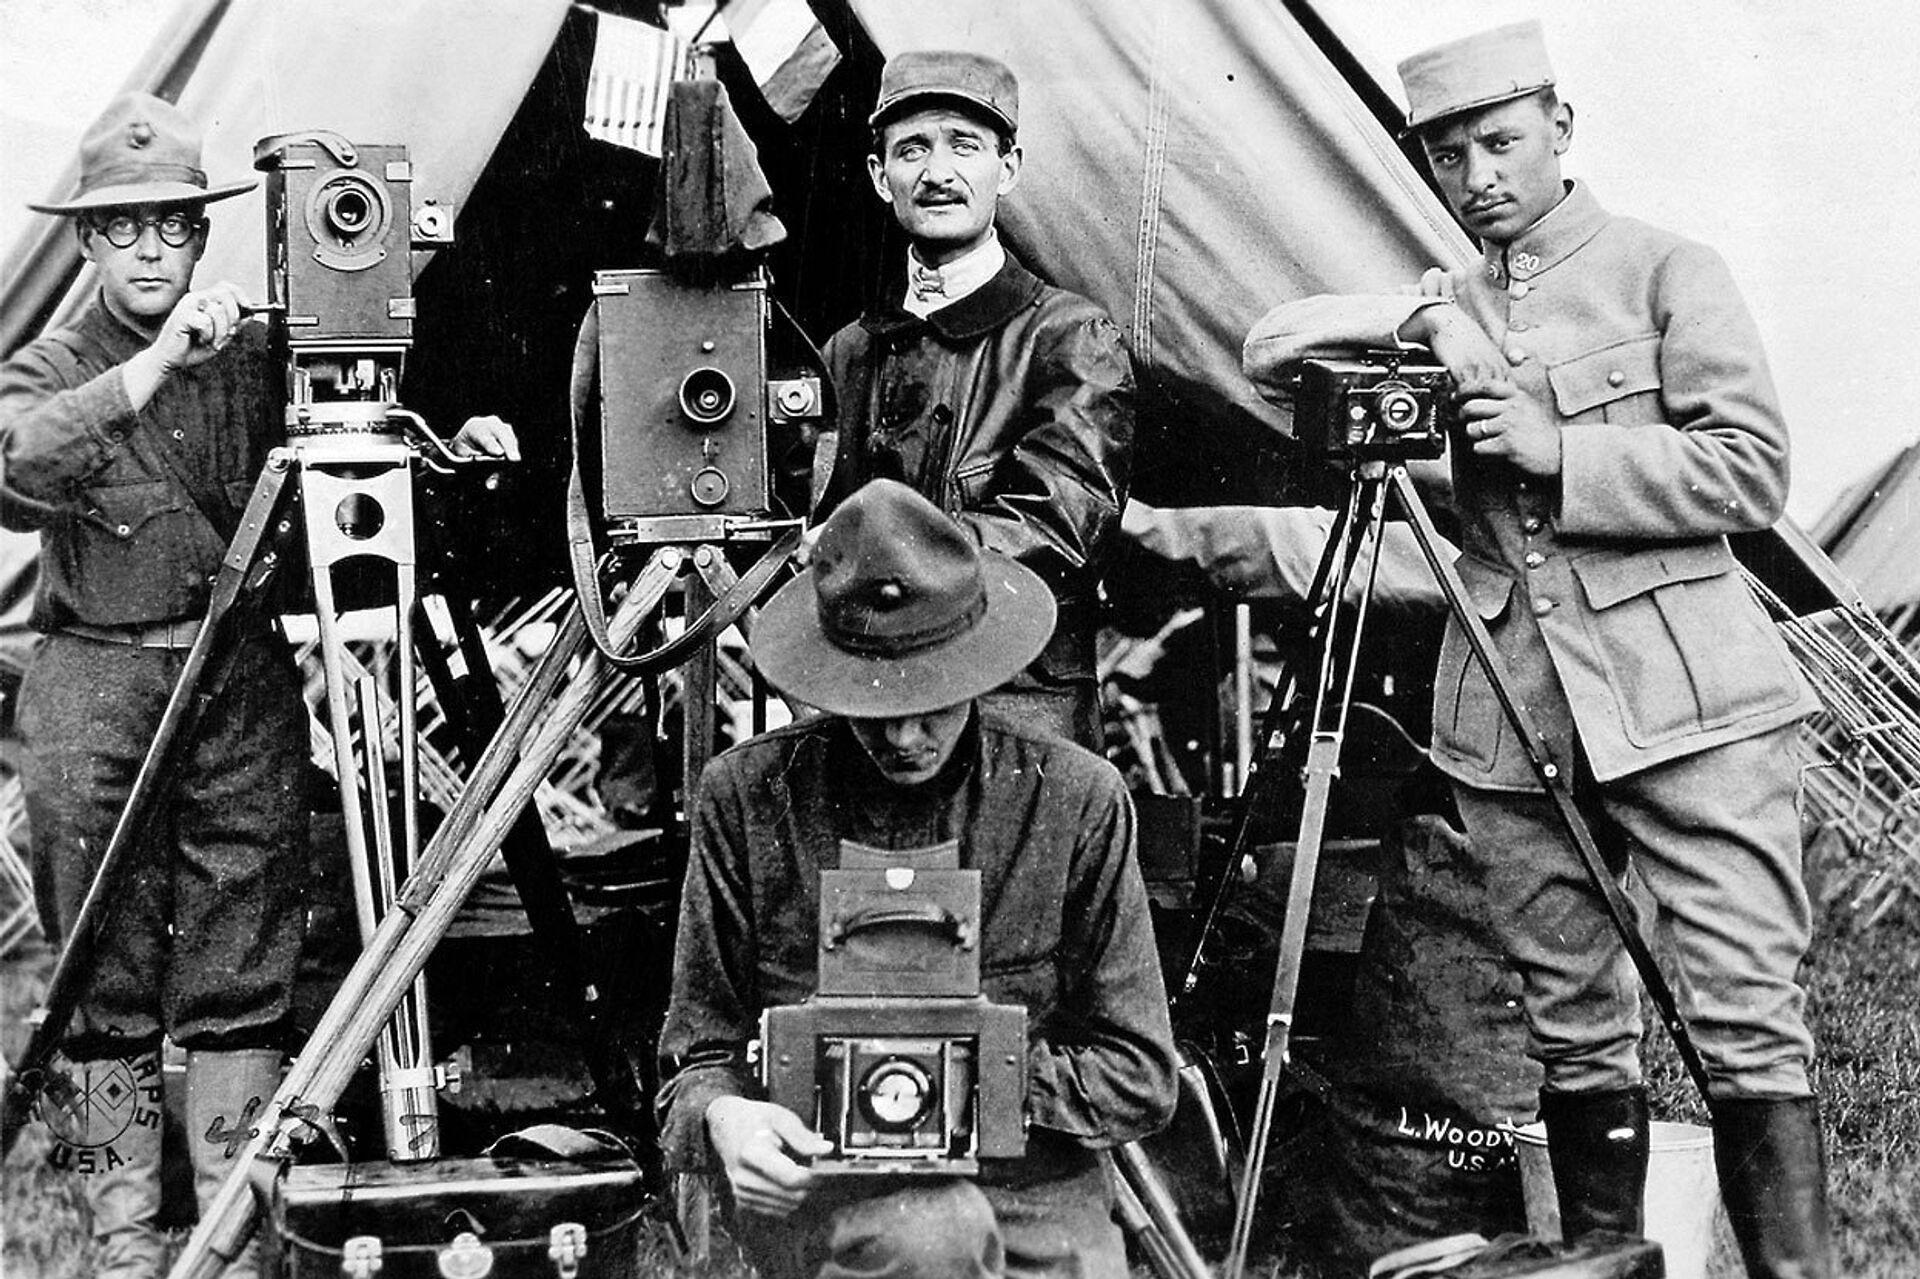 Американские и французские фотографы во время Первой мировой войны - РИА Новости, 1920, 22.01.2021